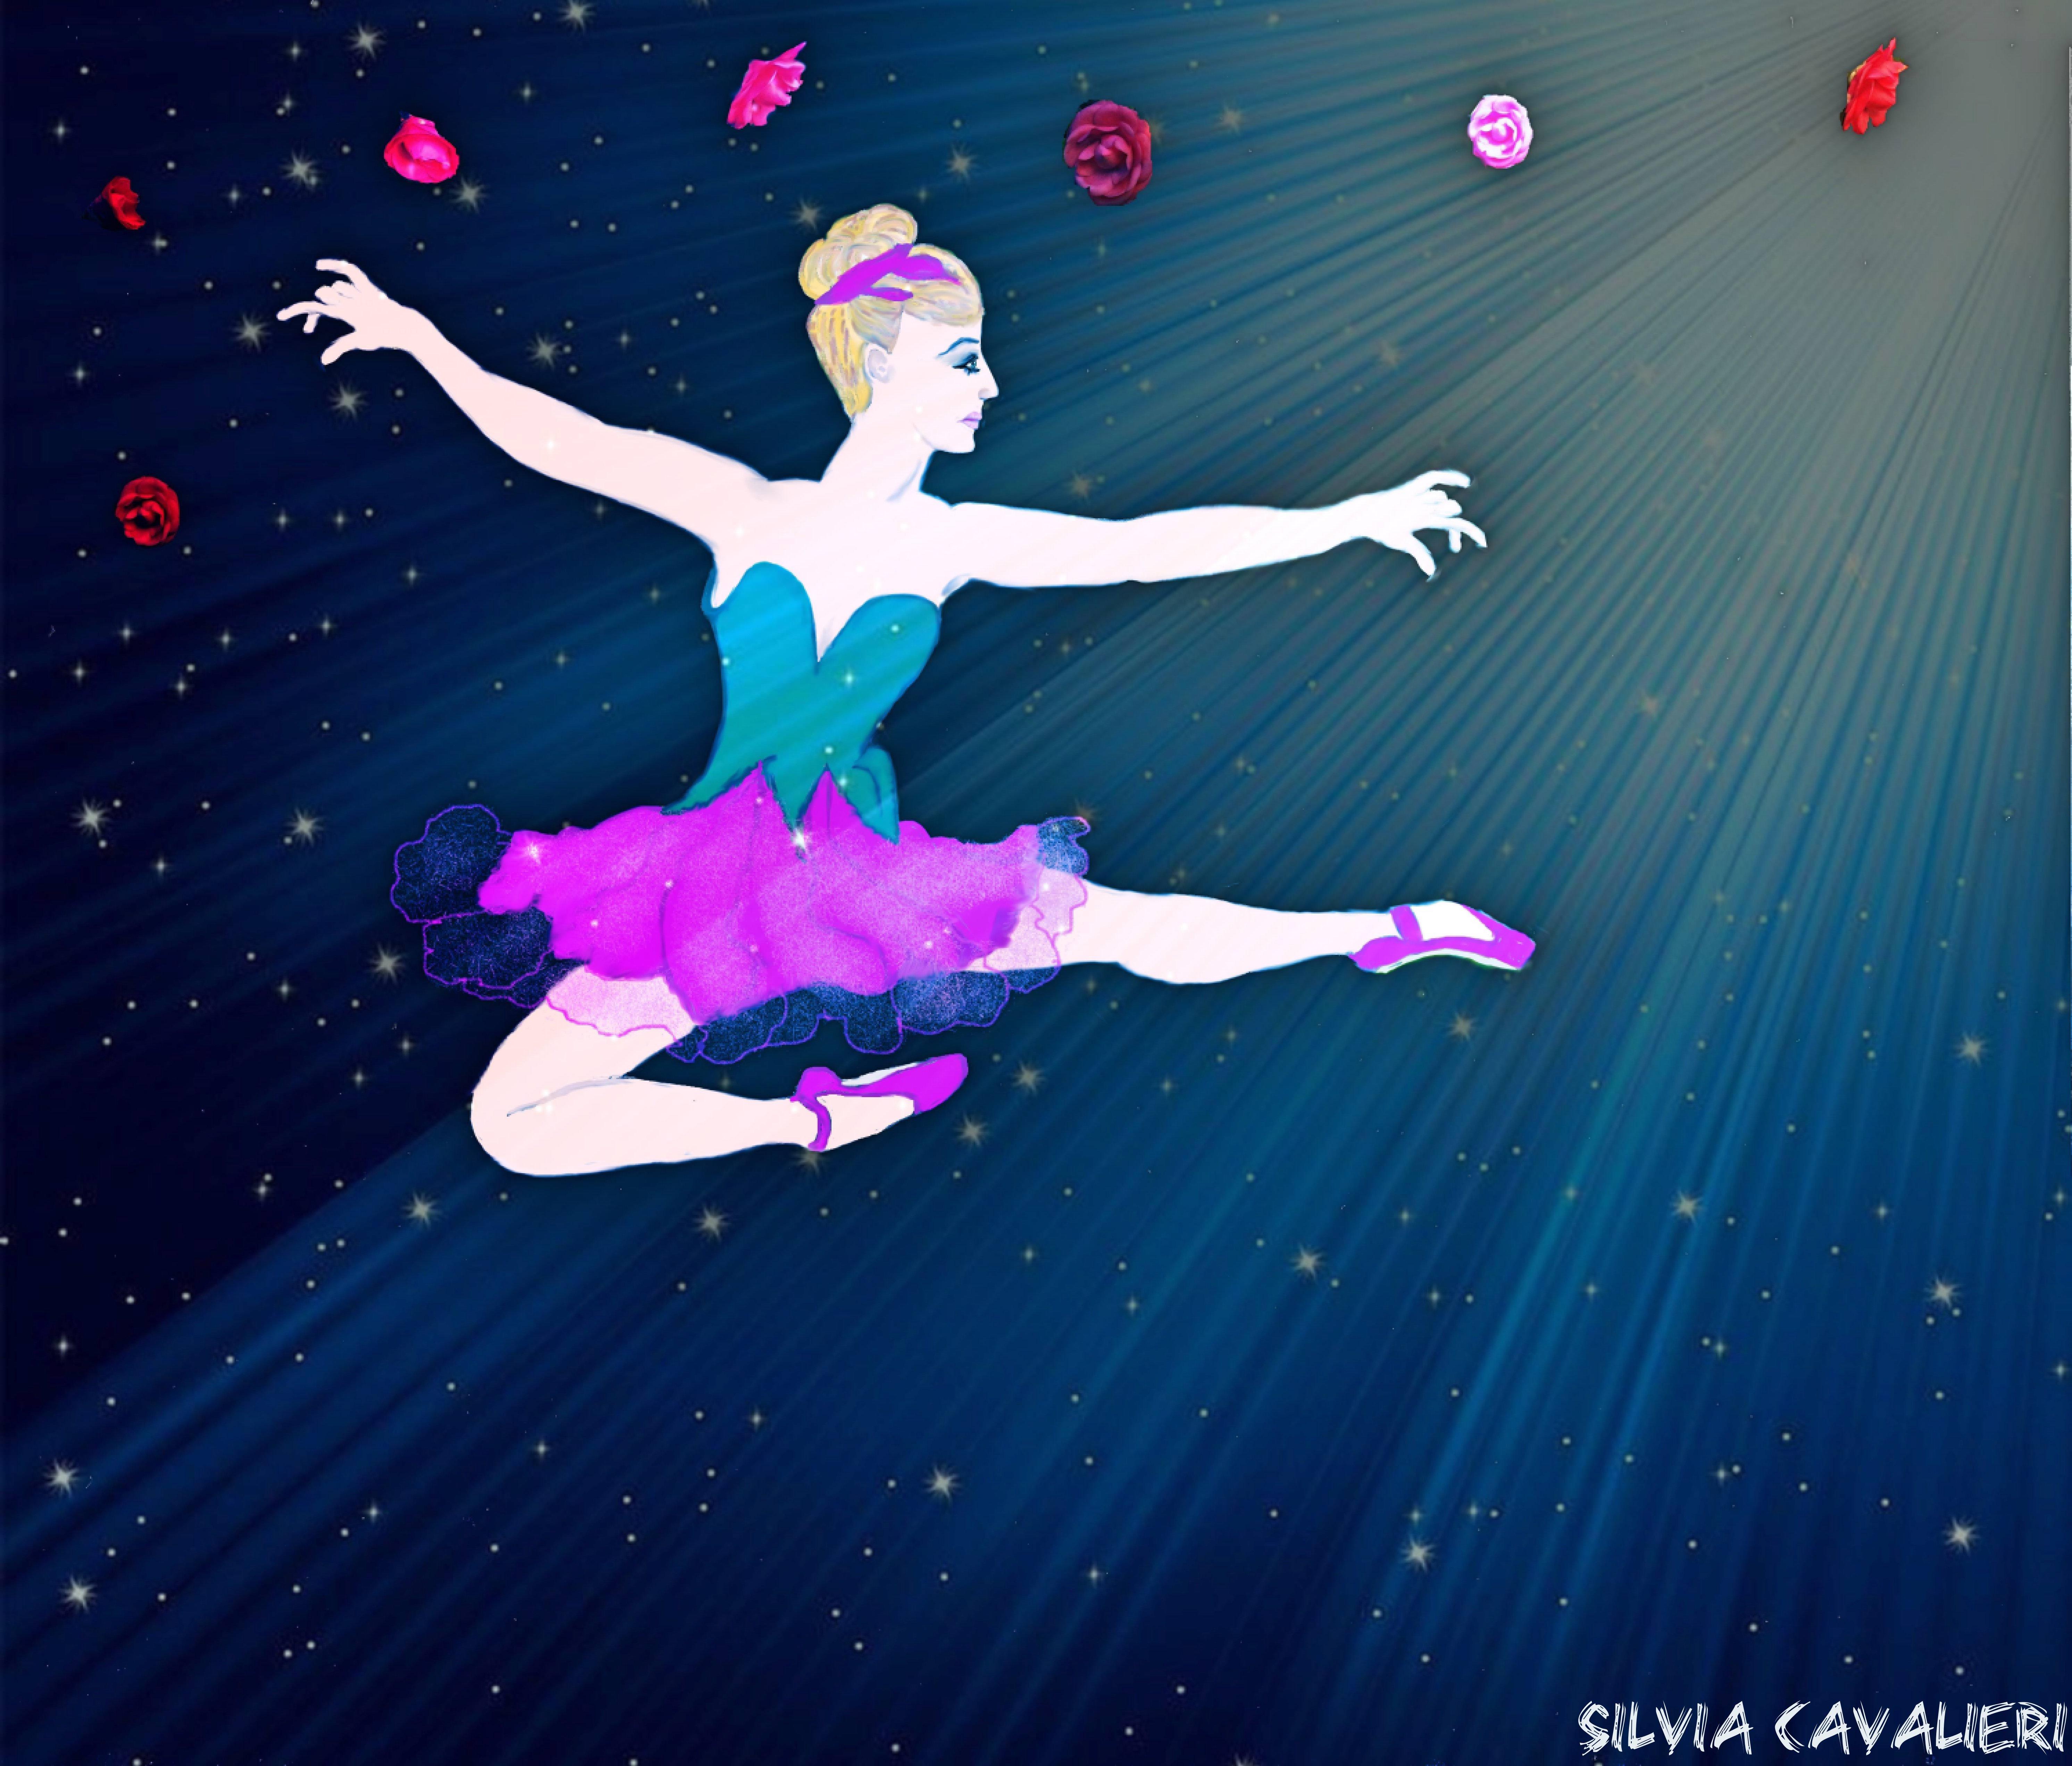 il sogno di una piccola ballerina fra le stelle